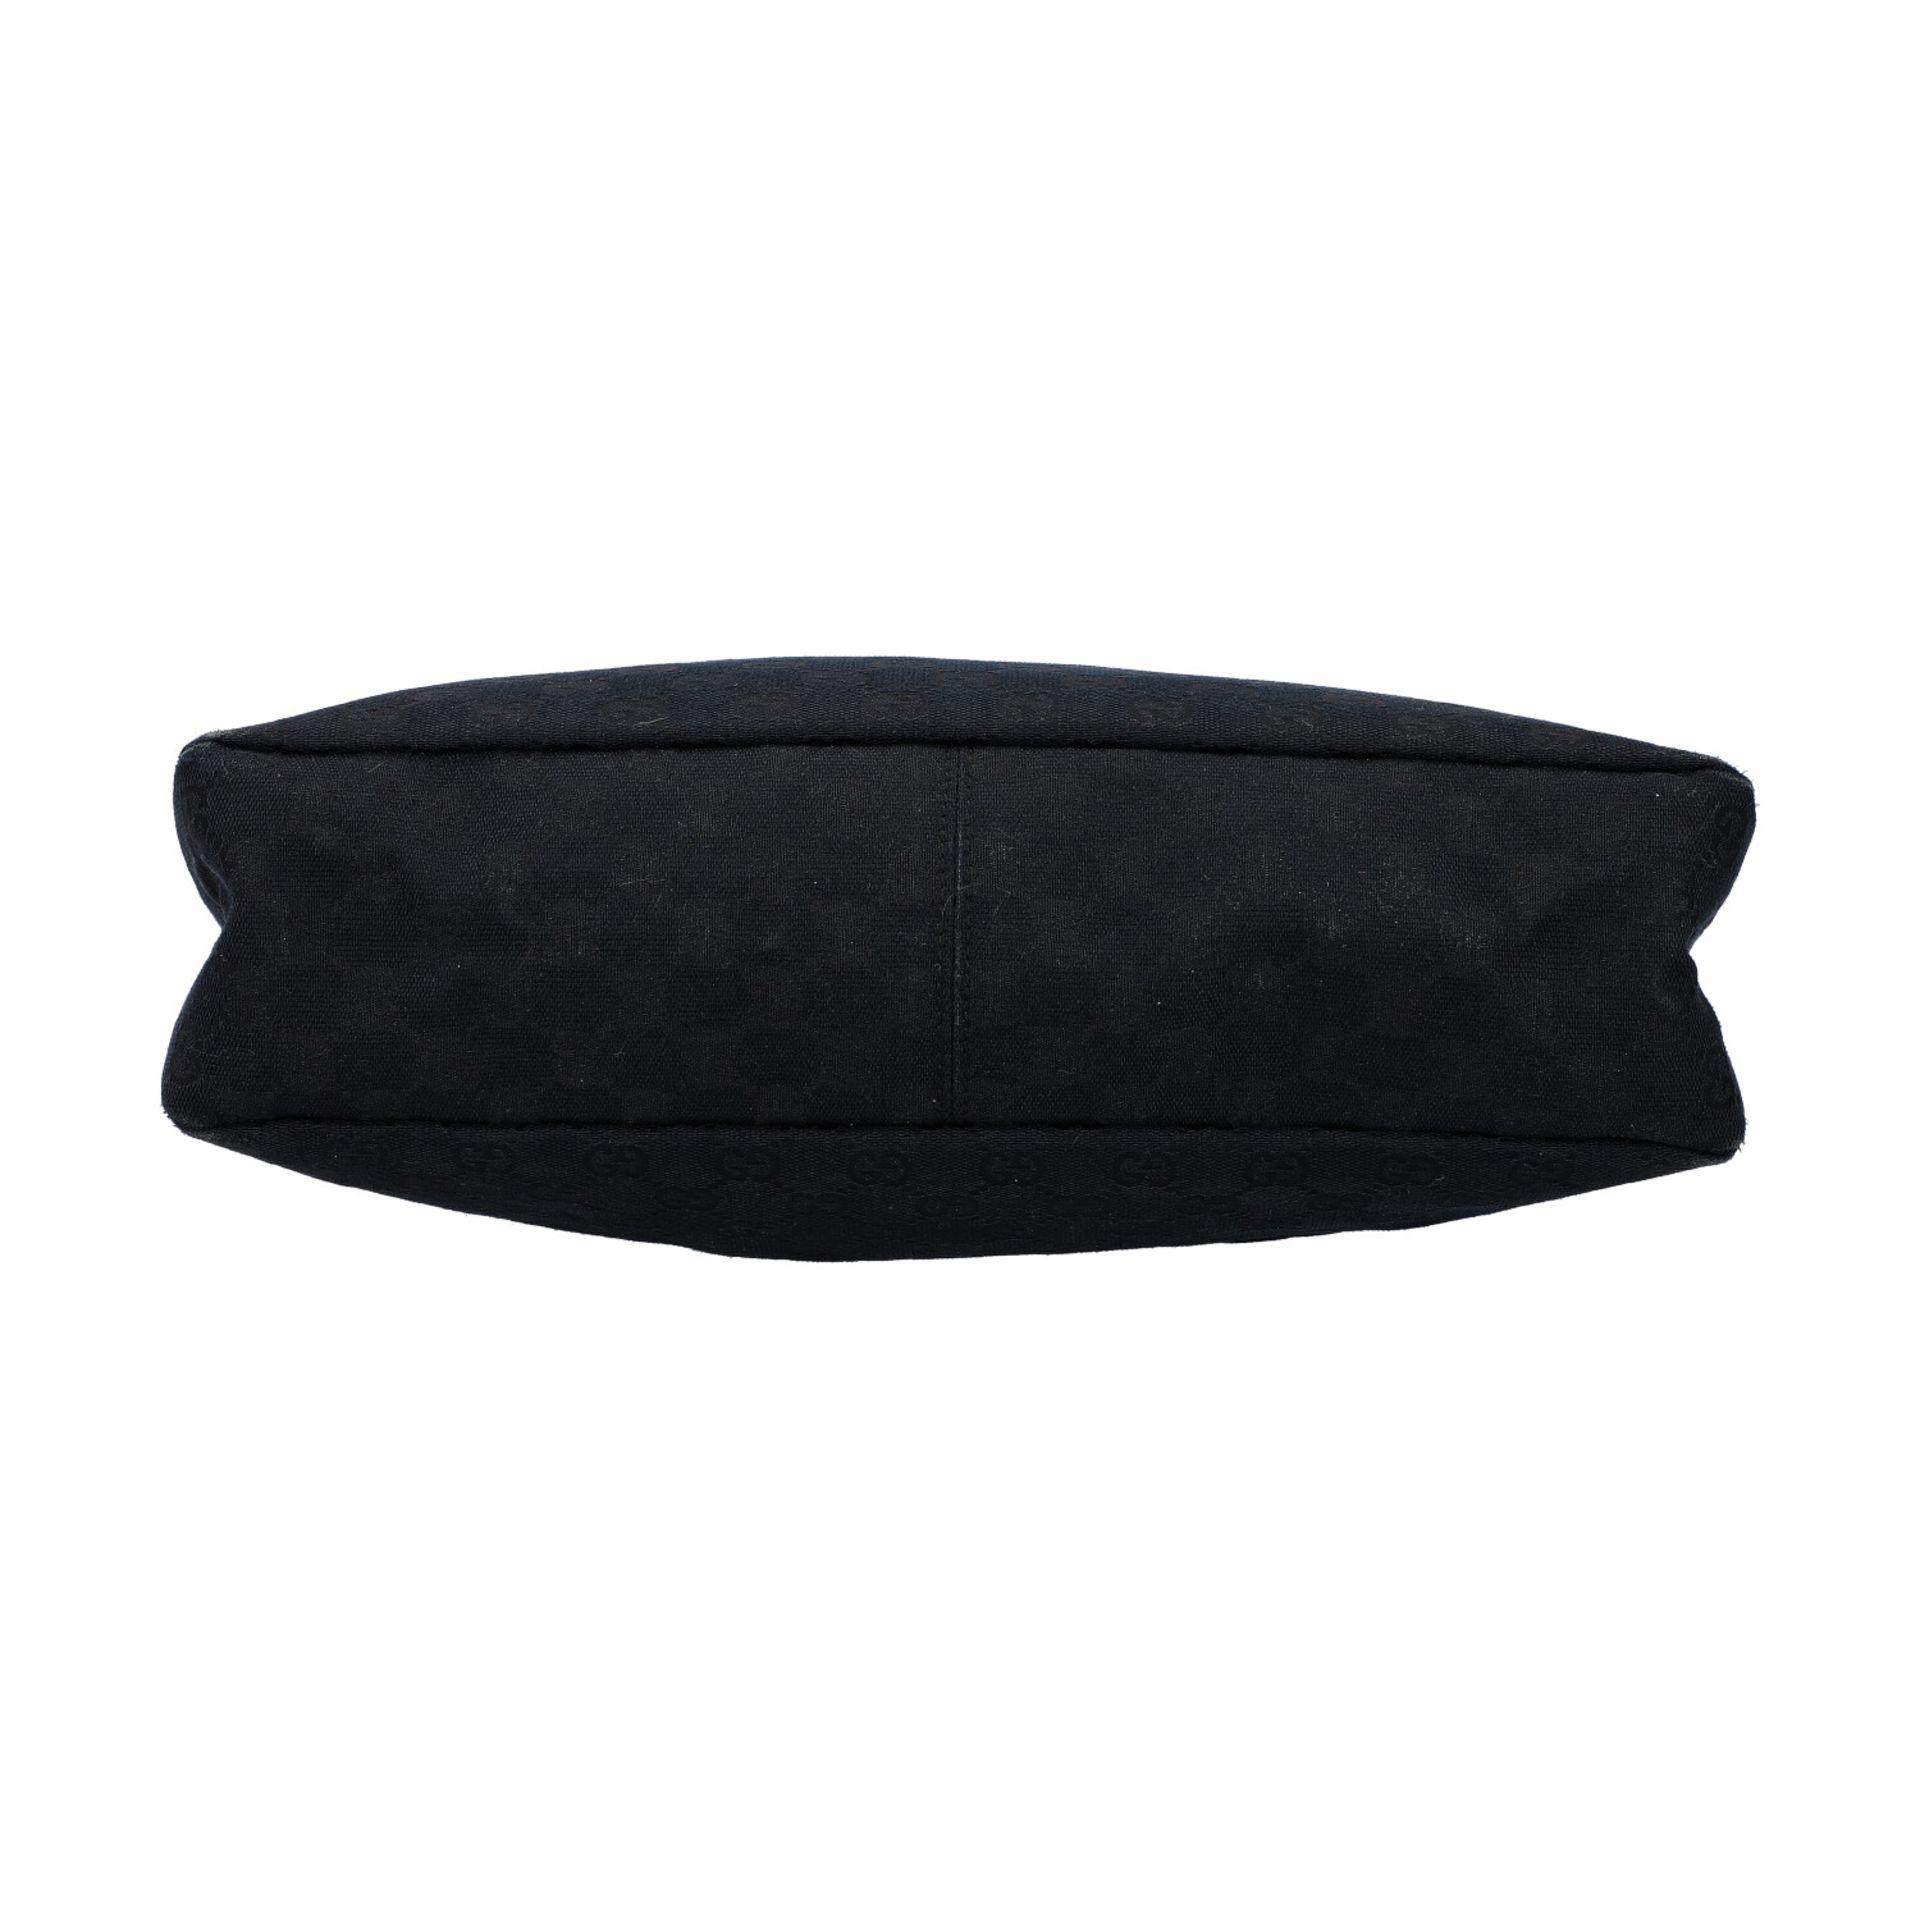 GUCCI Handtasche. Guccissima Design auf schwarzem Textil mit silberfarbener Hardware, - Image 5 of 8